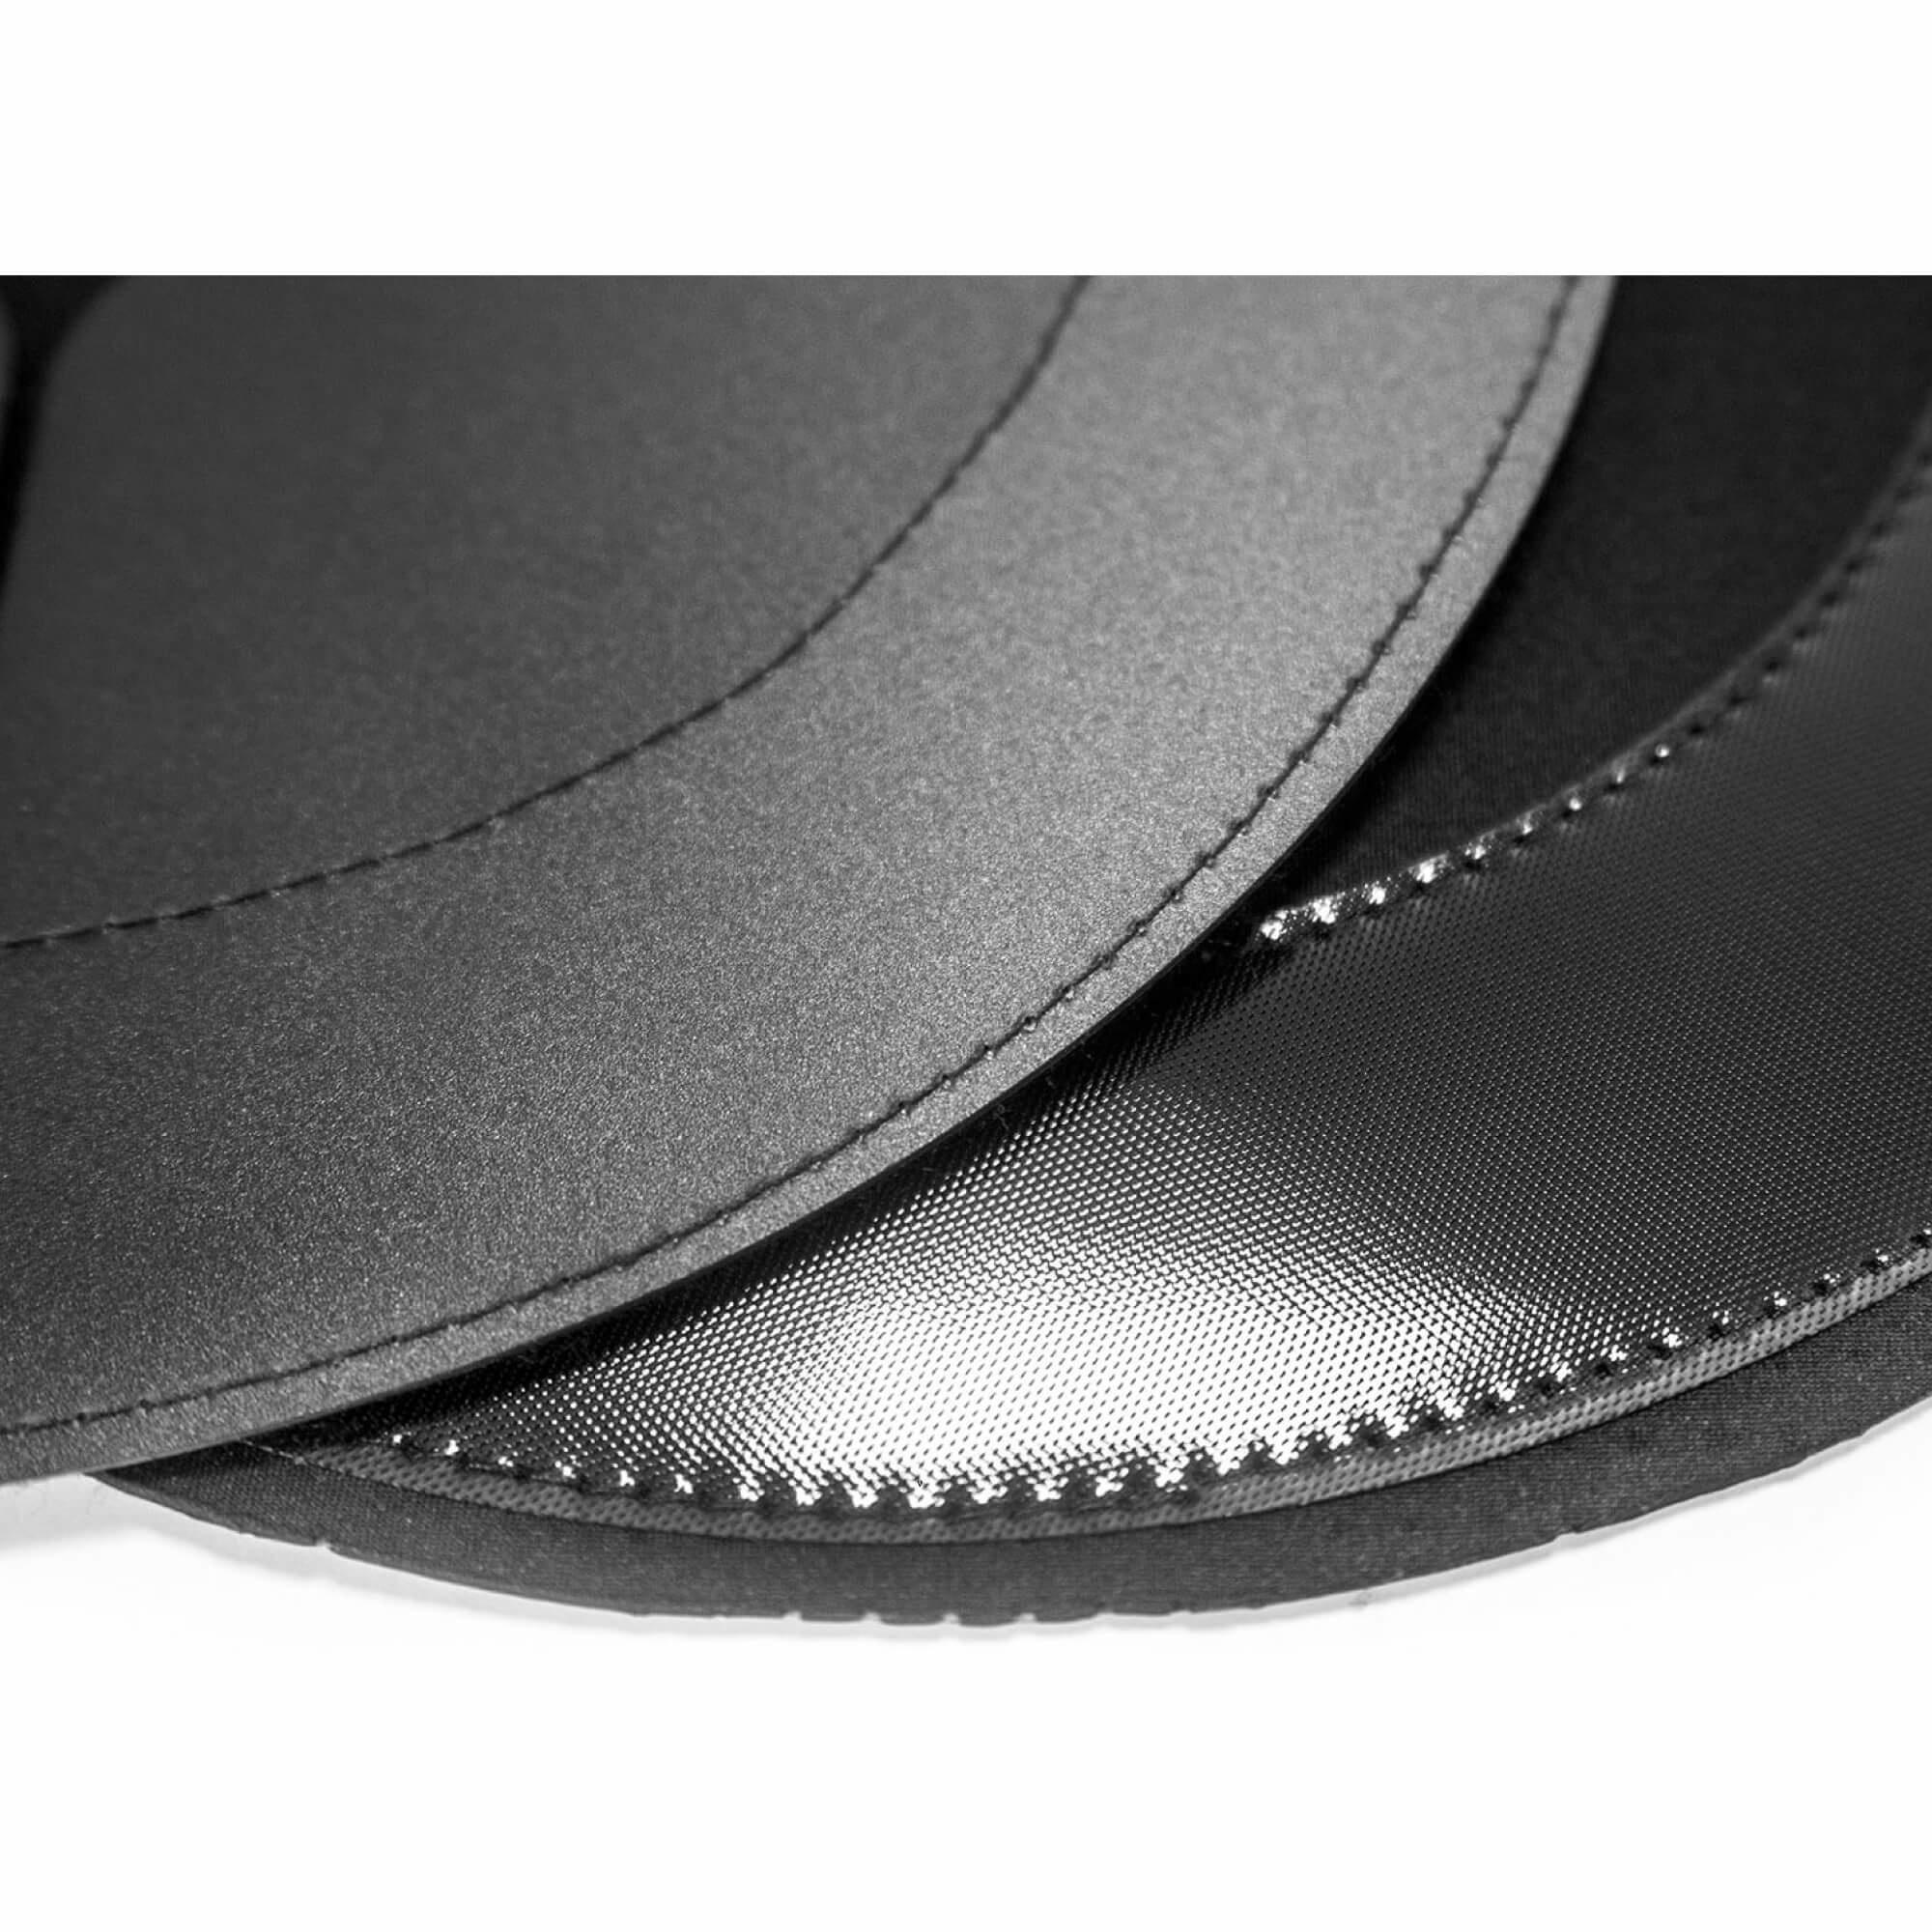 Disc Brake Covers Pair-10